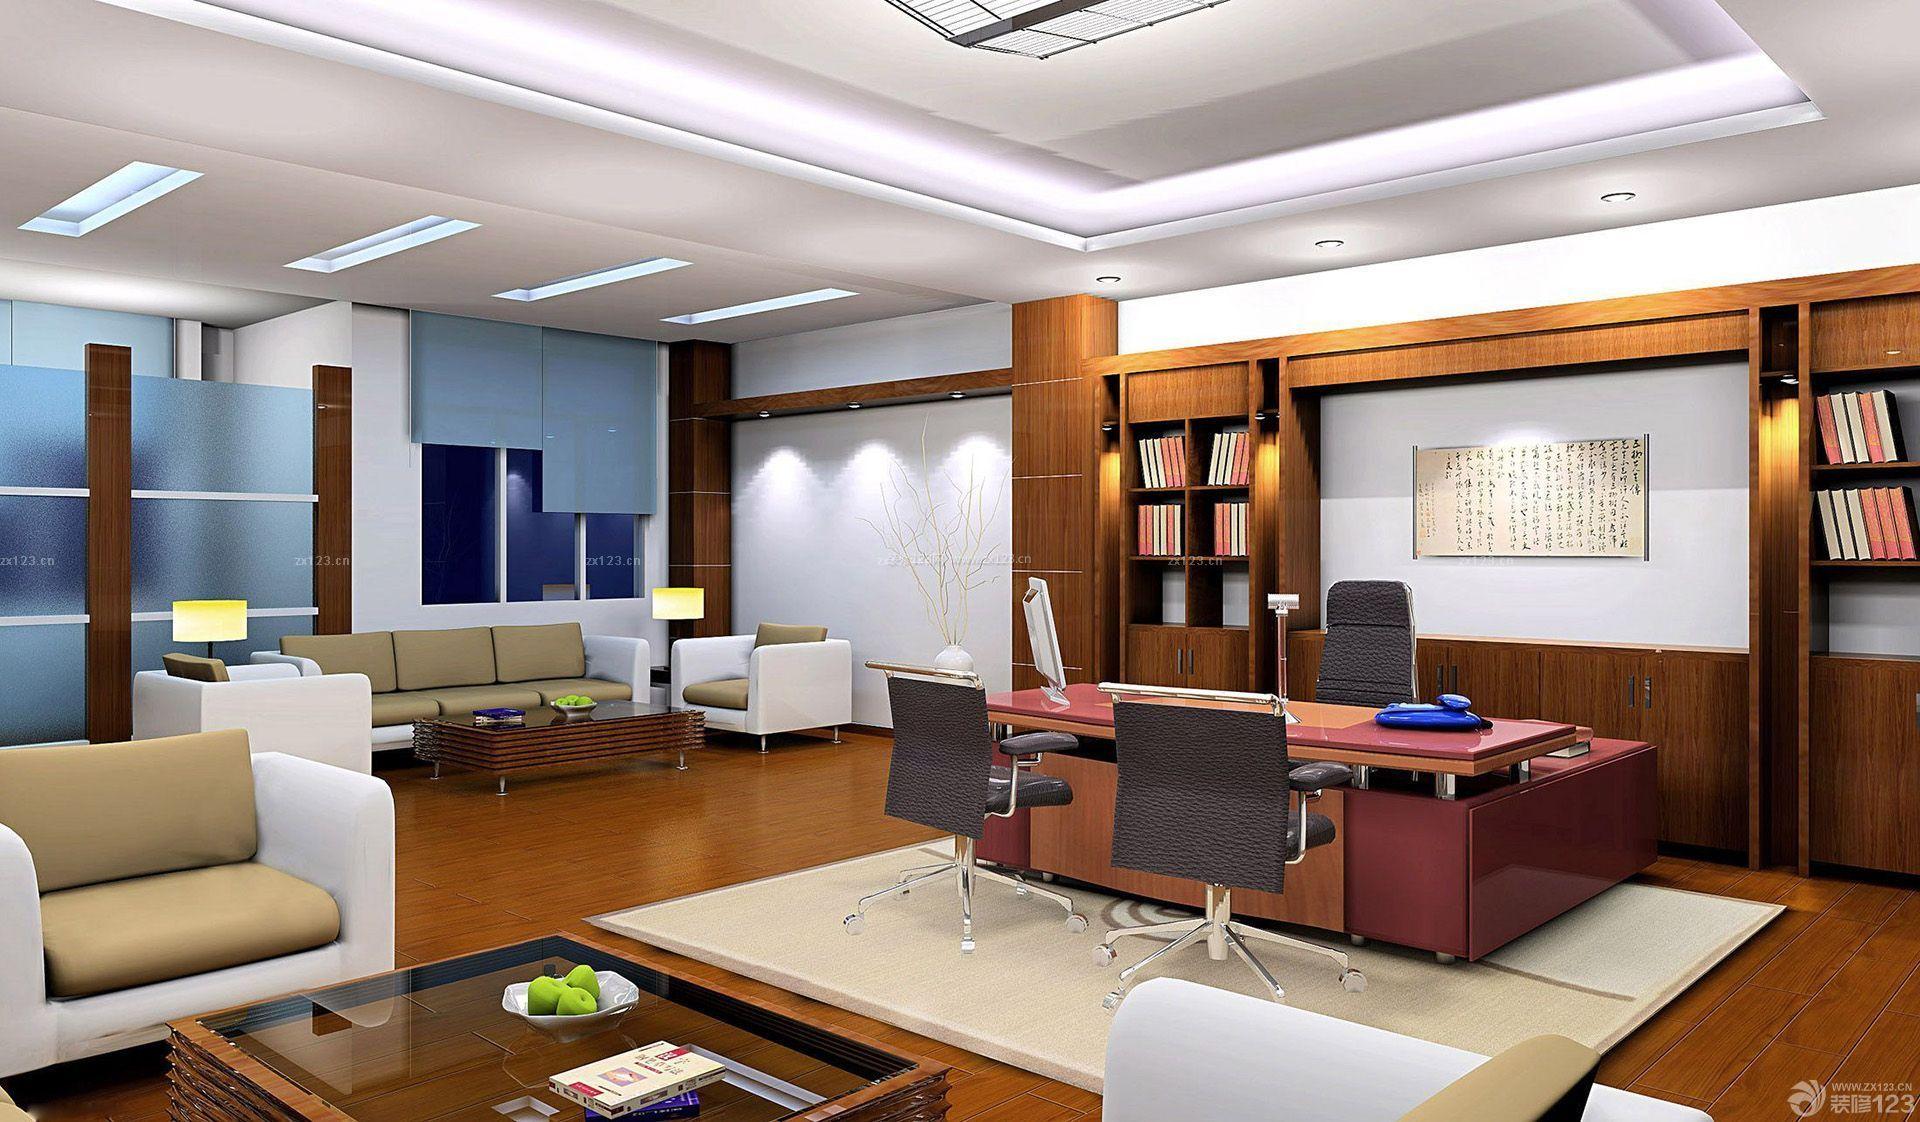 80平米总经理办公室装修设计效果图